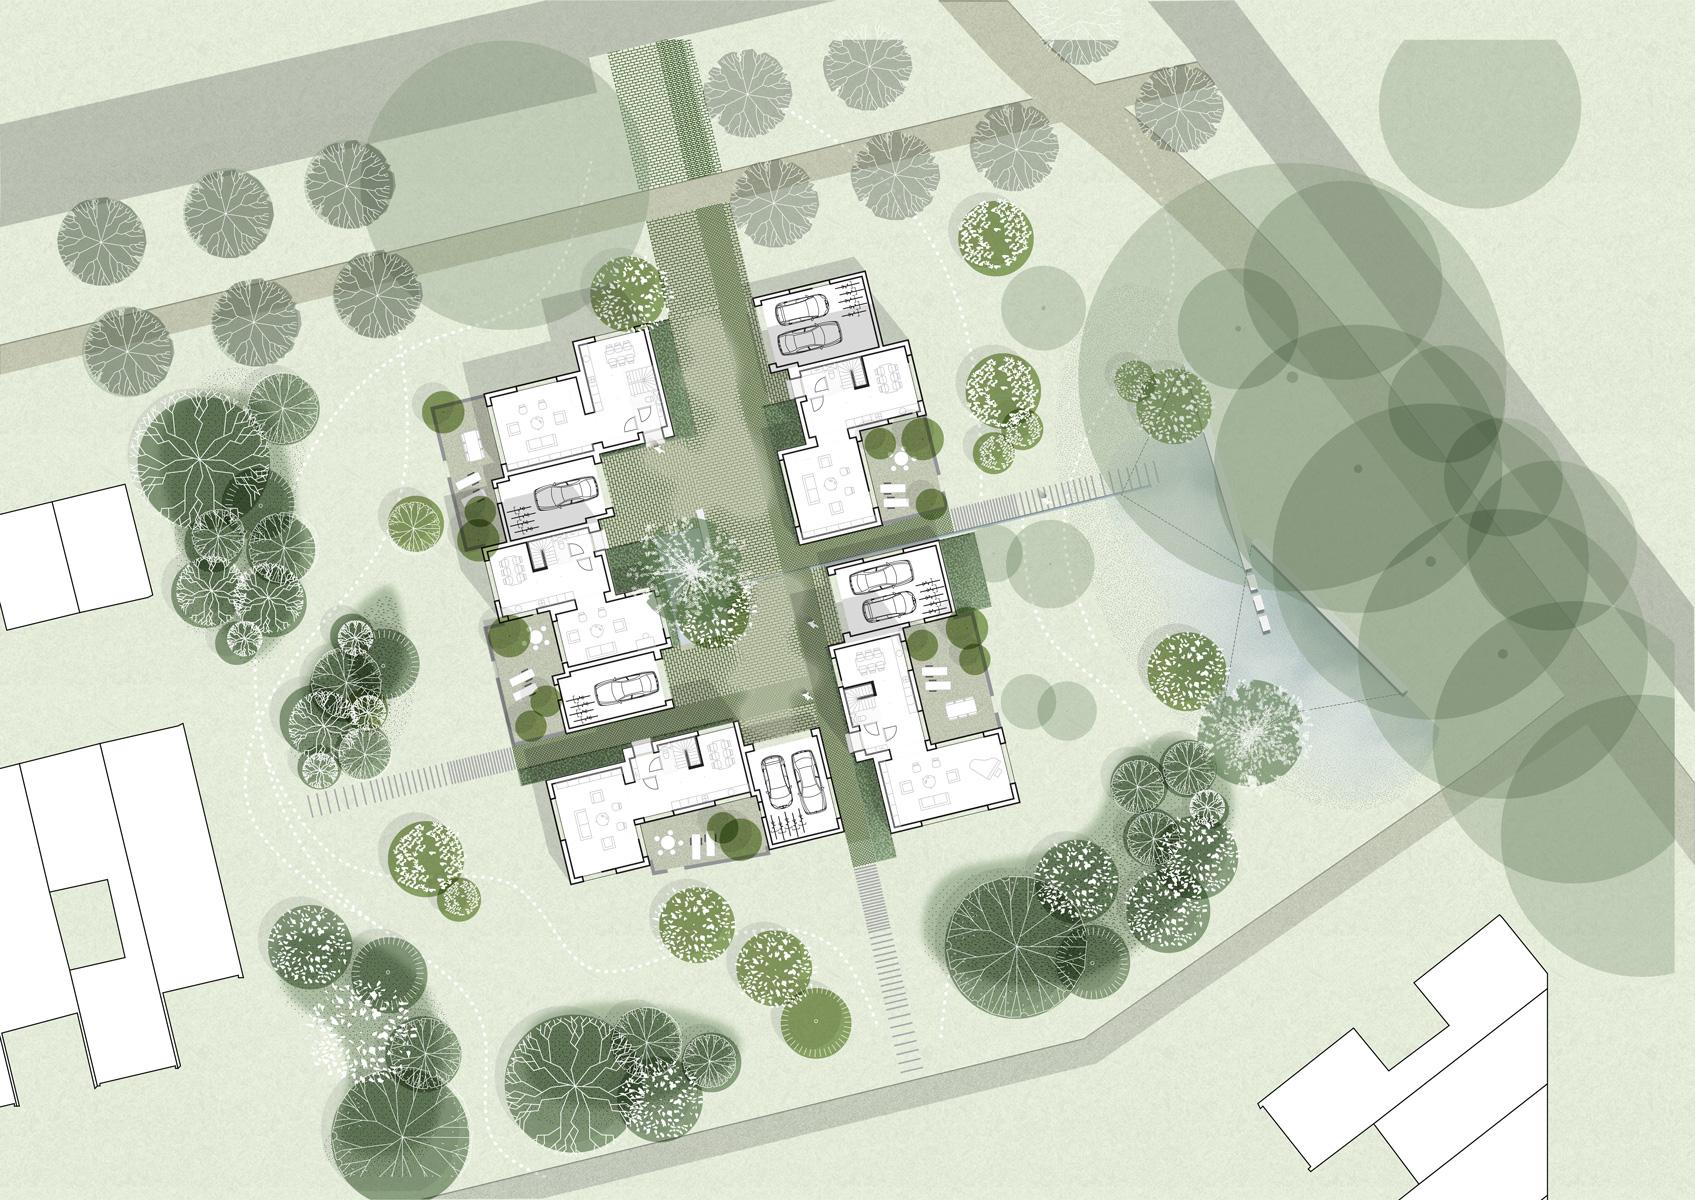 A011_BLAD_Bosrijk_Plankaart_A0_100web